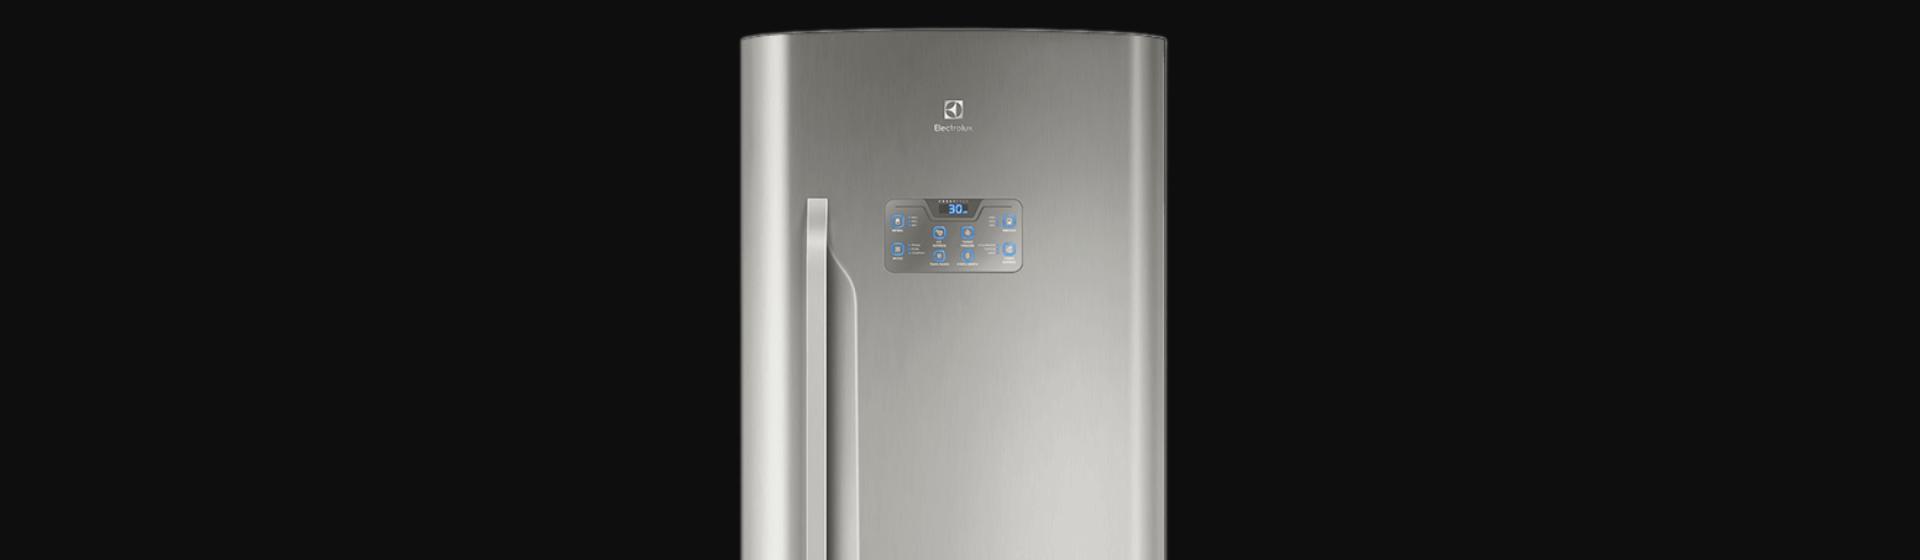 Electrolux DB53X: confira análise da ficha técnica e preço da geladeira